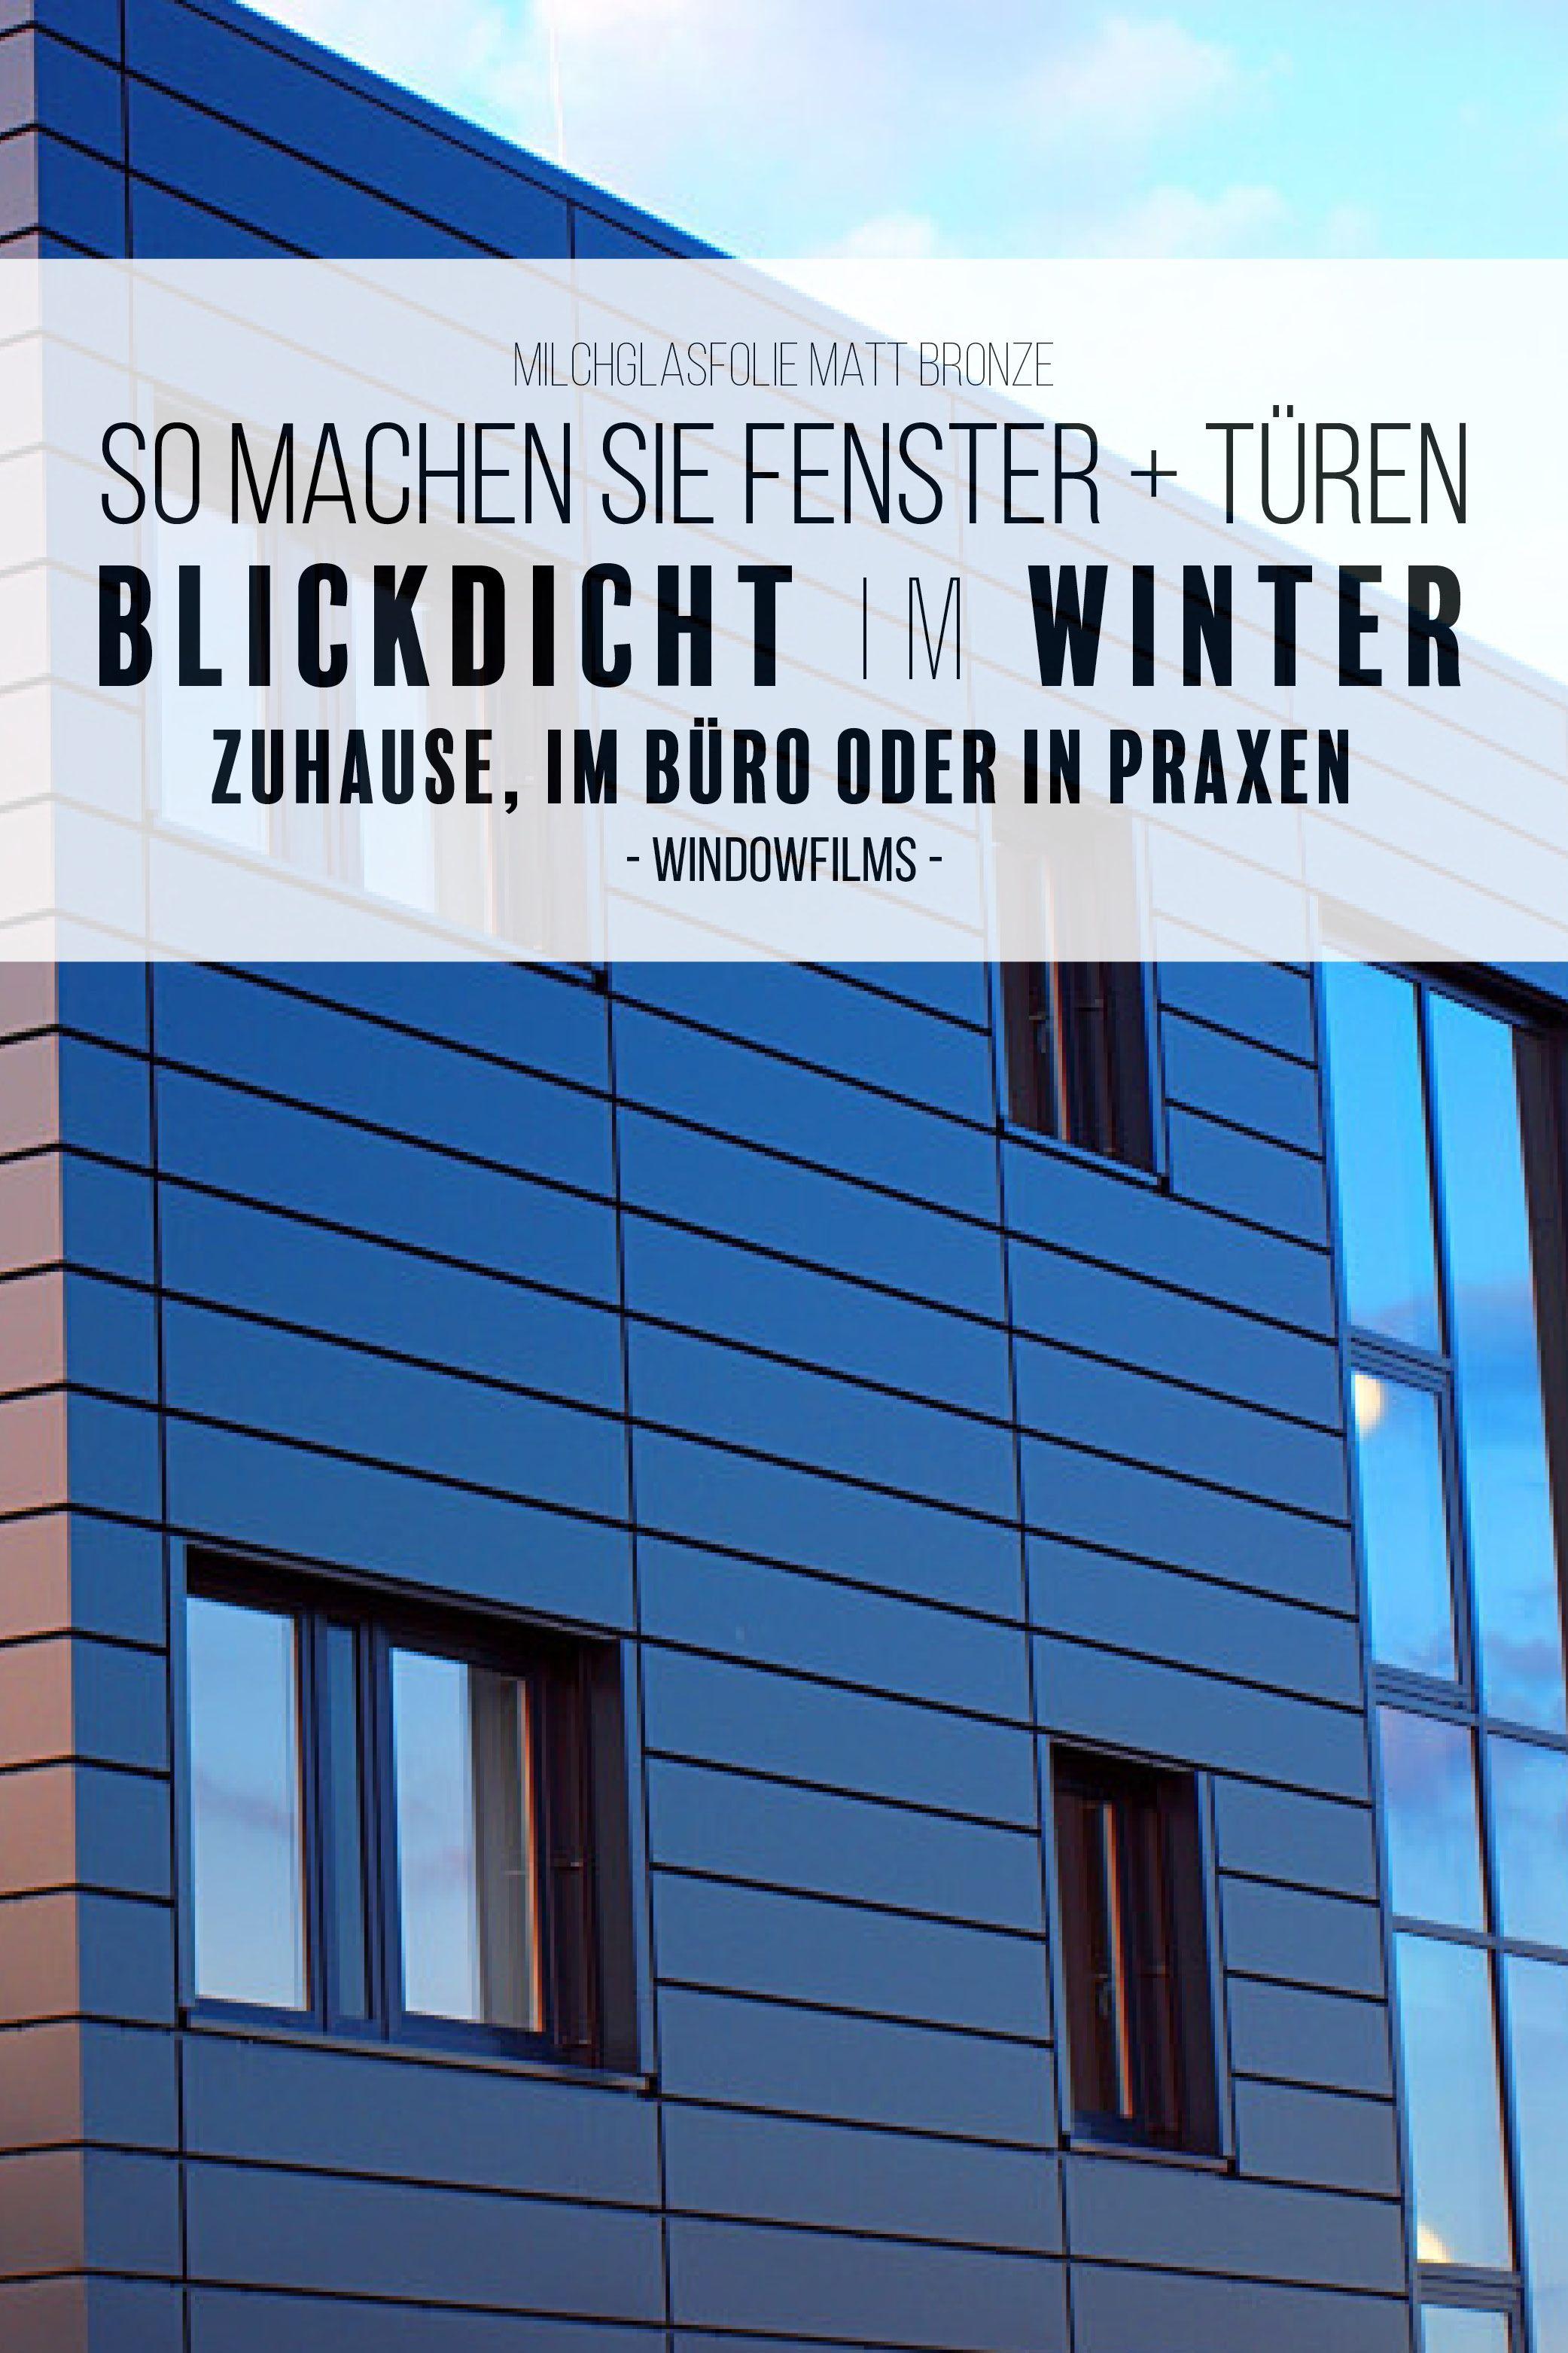 Milchglasfolie Kaufen In Matt Bronze Windowfilms Online Sichtschutzfolie Sichtschutz Fenster Innen Sichtschutz Fenster